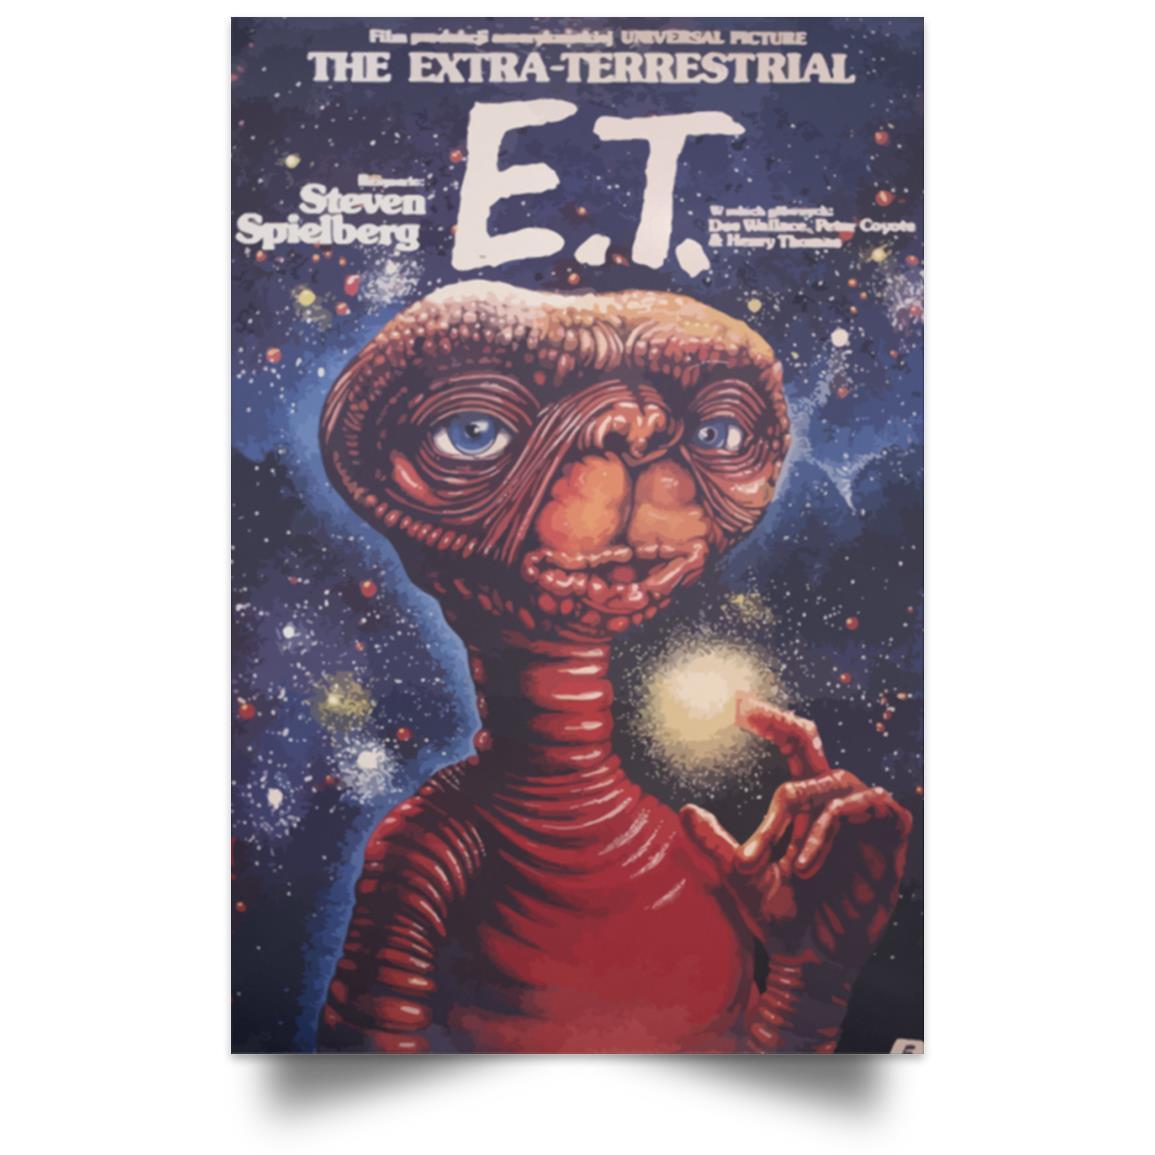 POSTER E.T. L'EXTRA-TERRESTRE 1